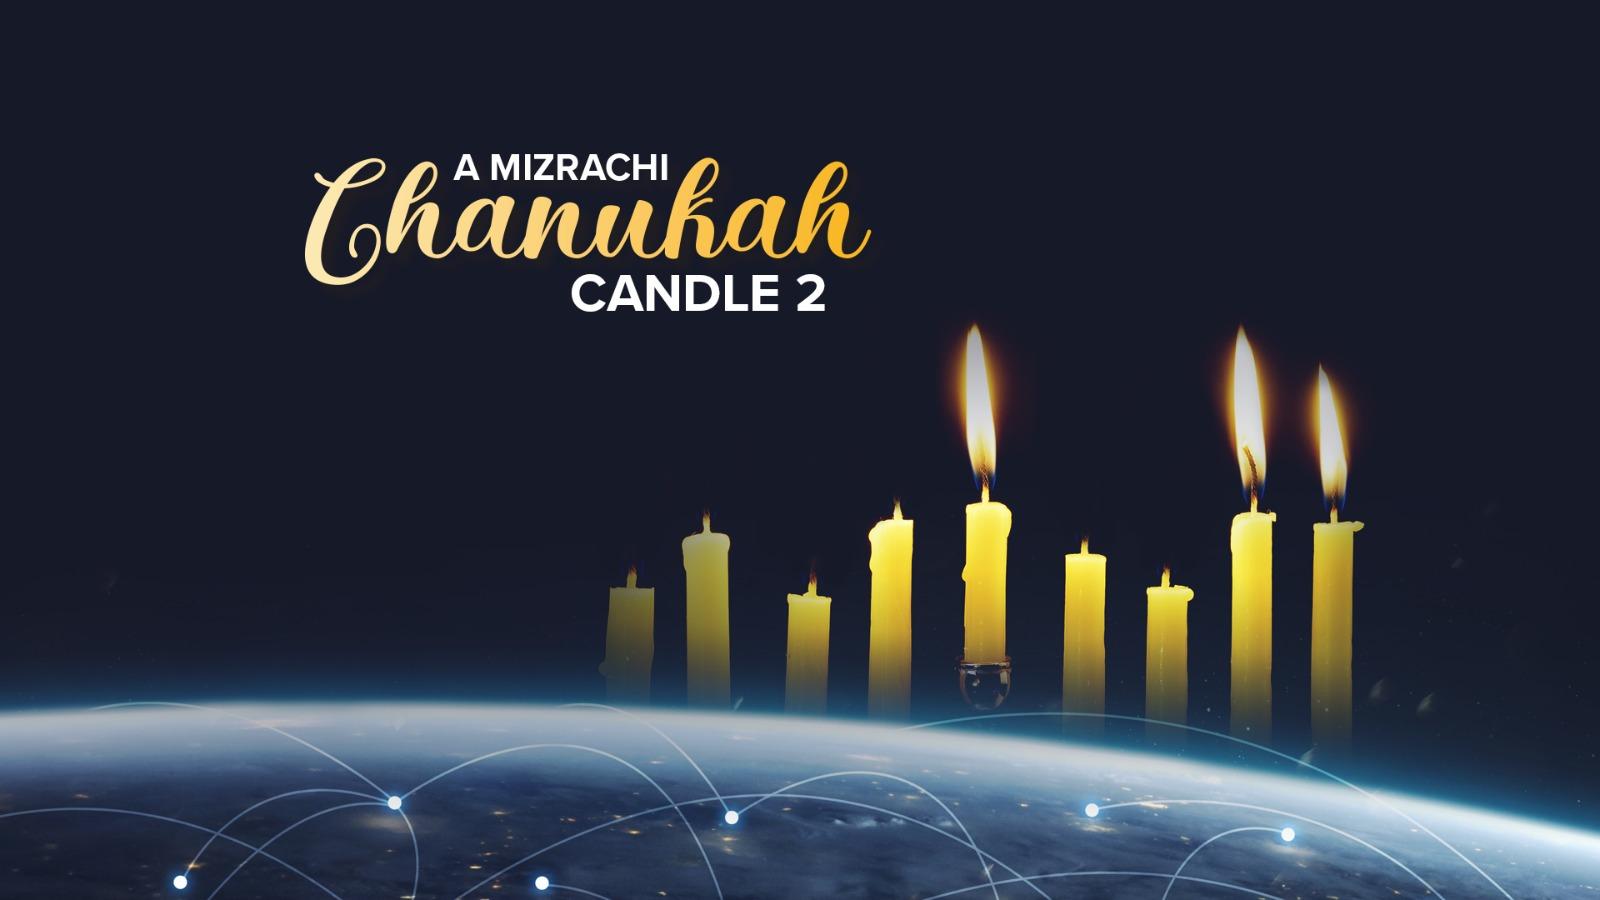 A Mizrachi Chanukah – Candle 2